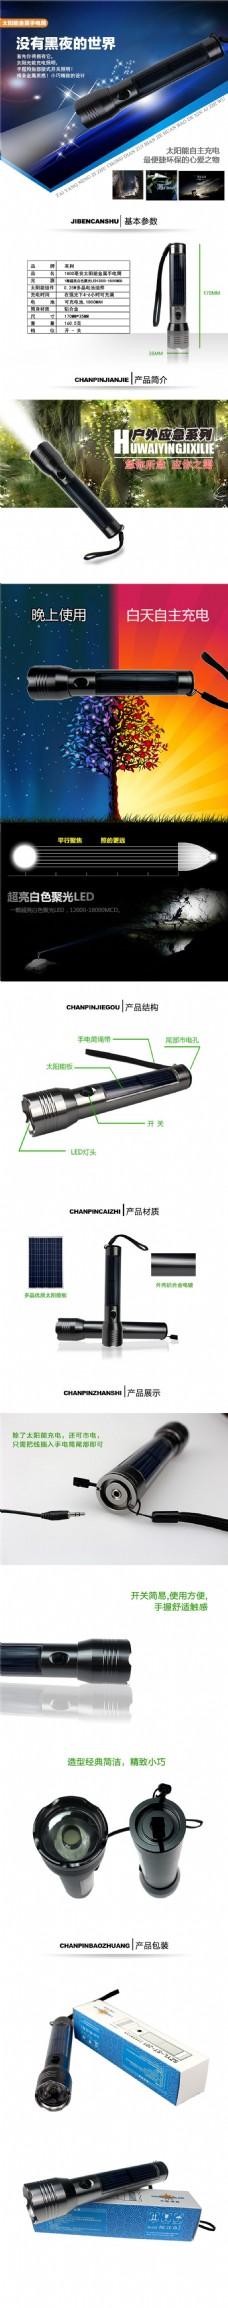 太阳能手电筒详情